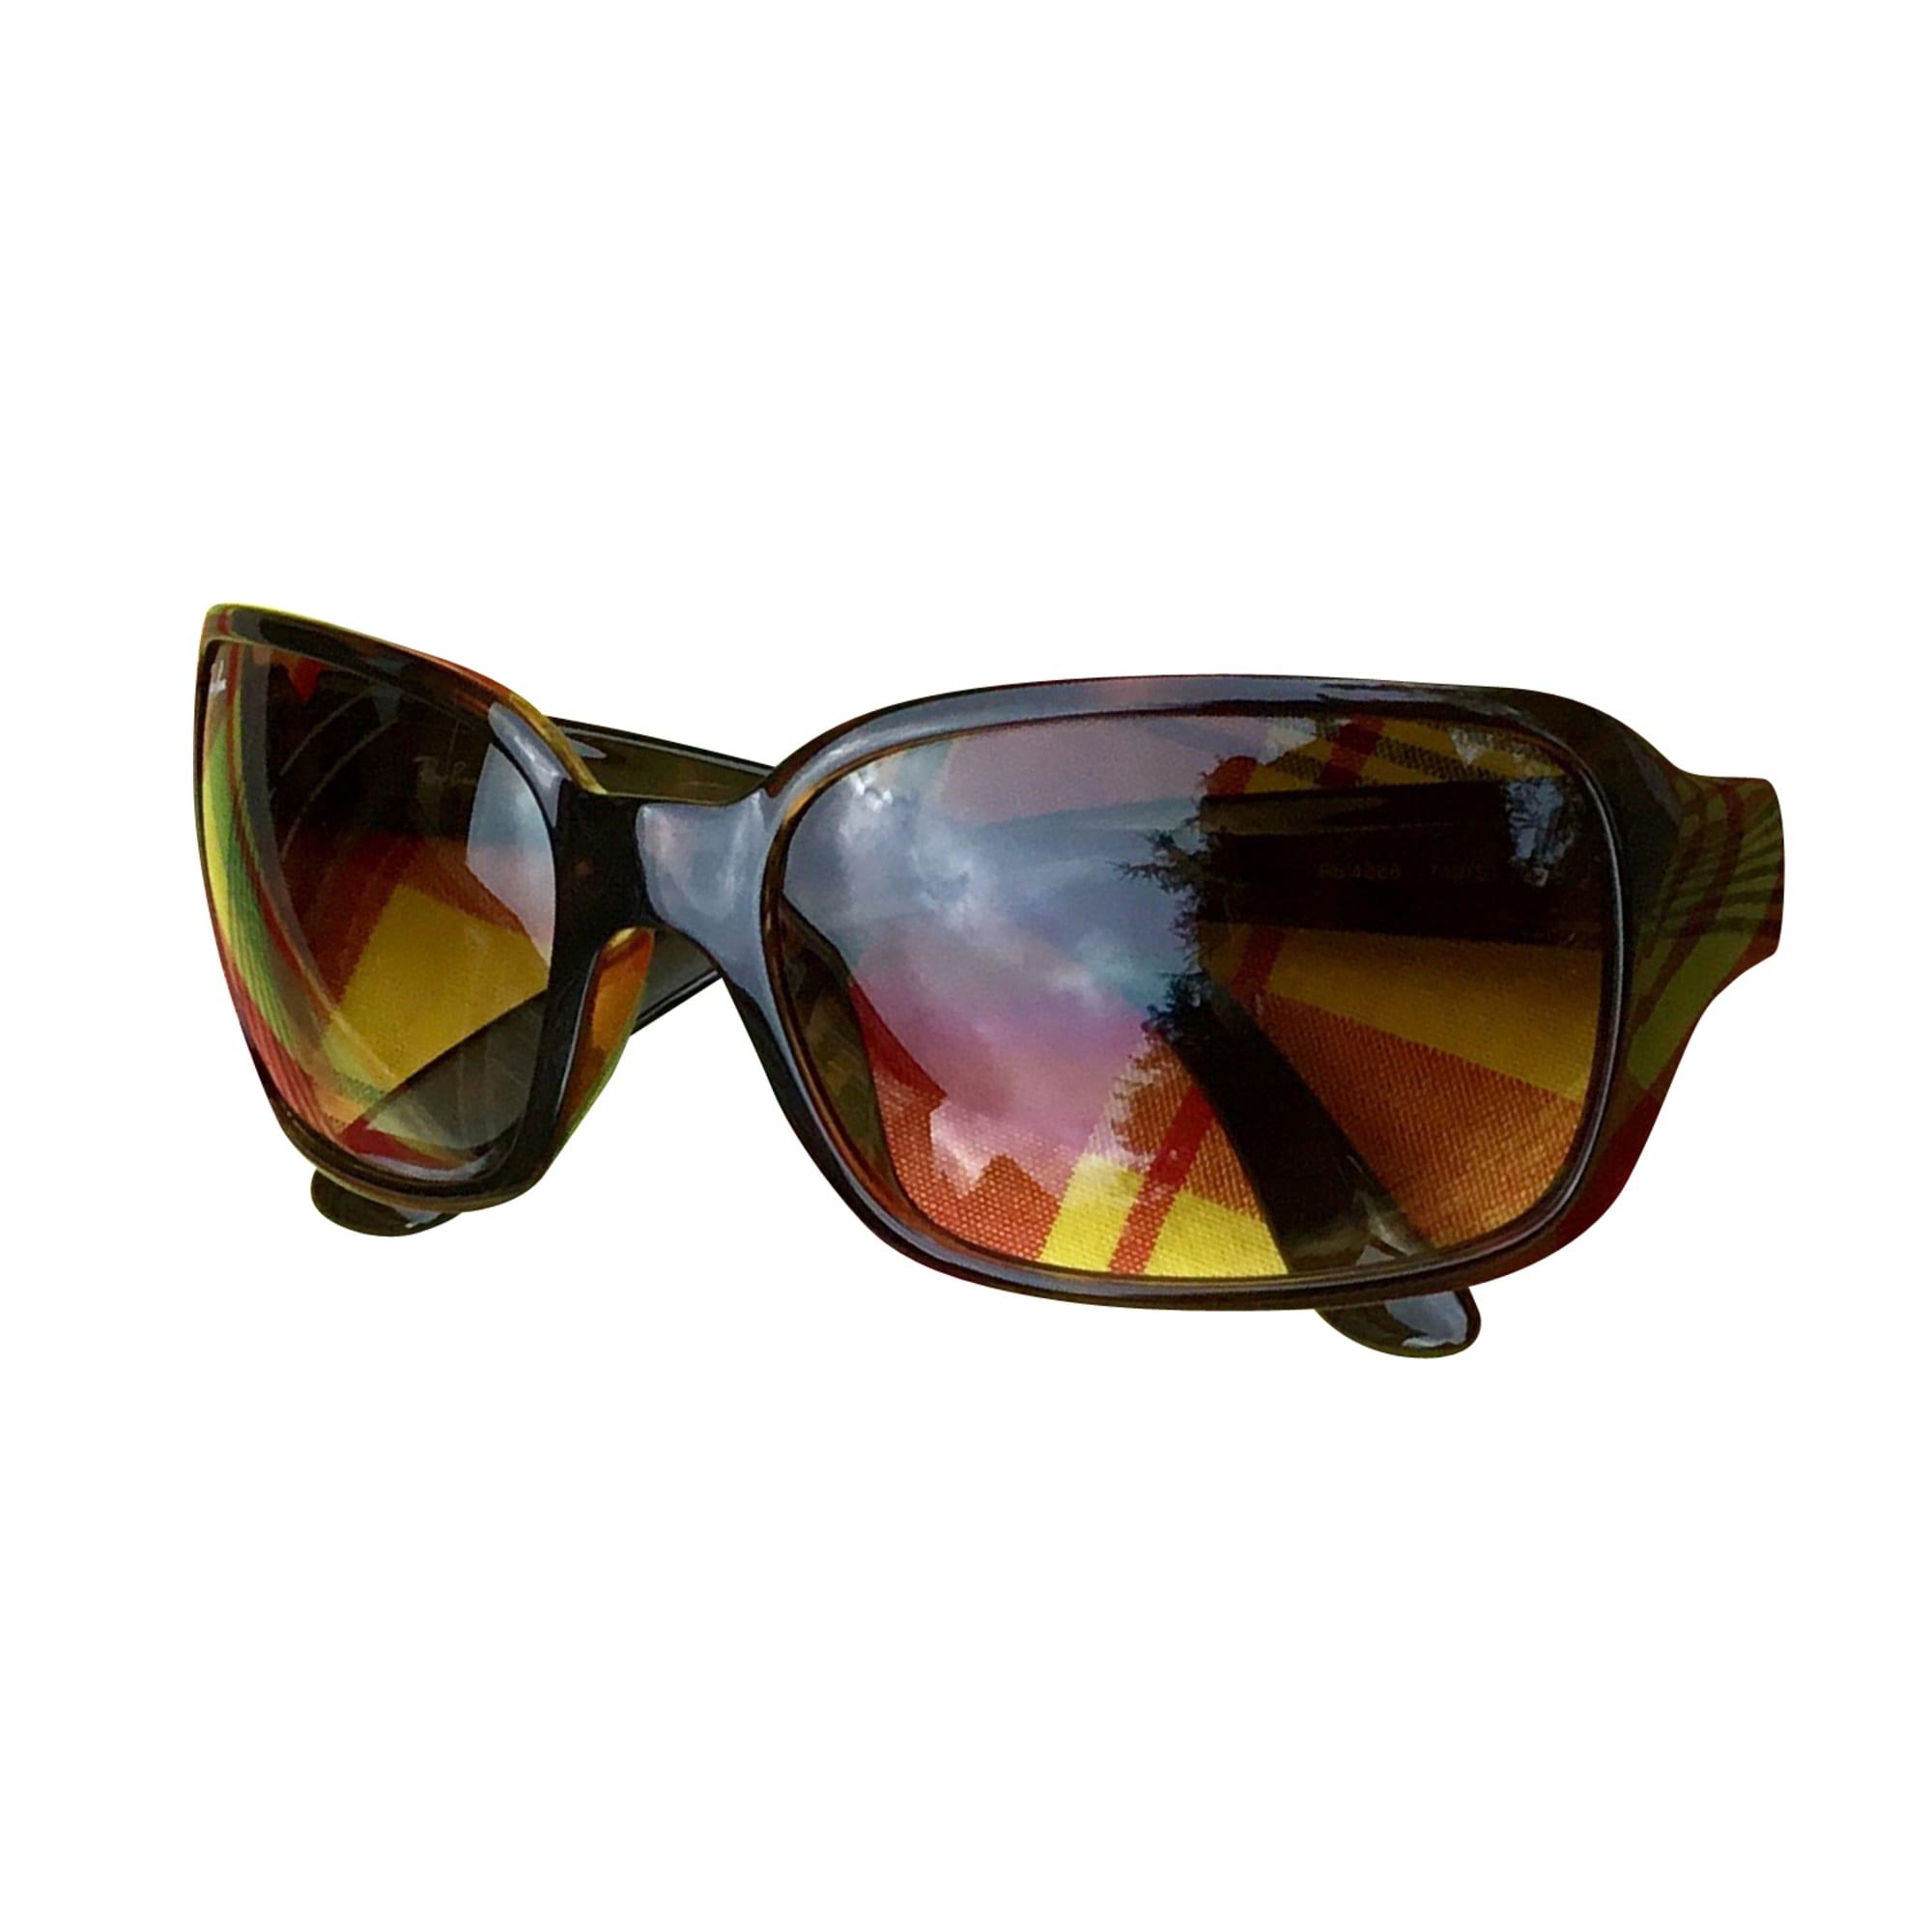 Lunettes de soleil RAY-BAN marron vendu par Kty 85 - 8231059 49d3bc1dea00